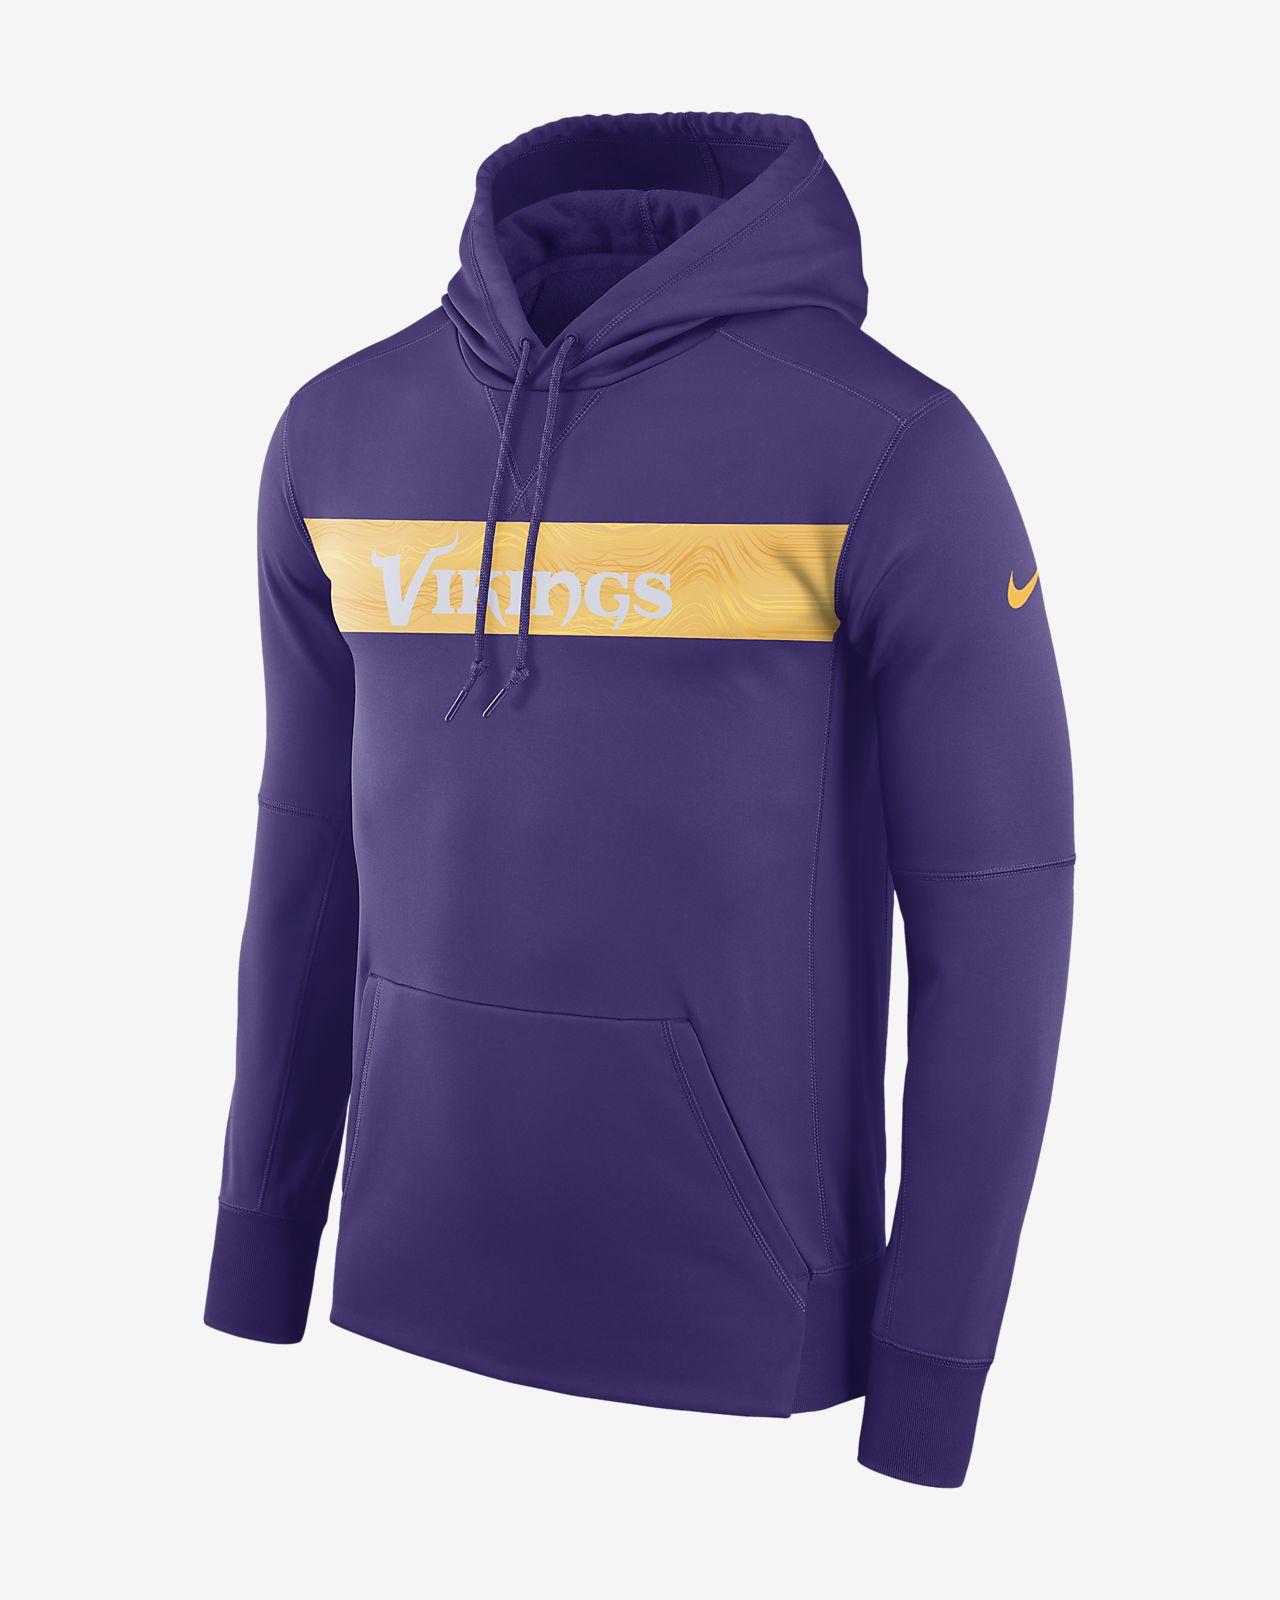 Pánská mikina s kapucí Nike Dri-FIT Therma (NFL Vikings)